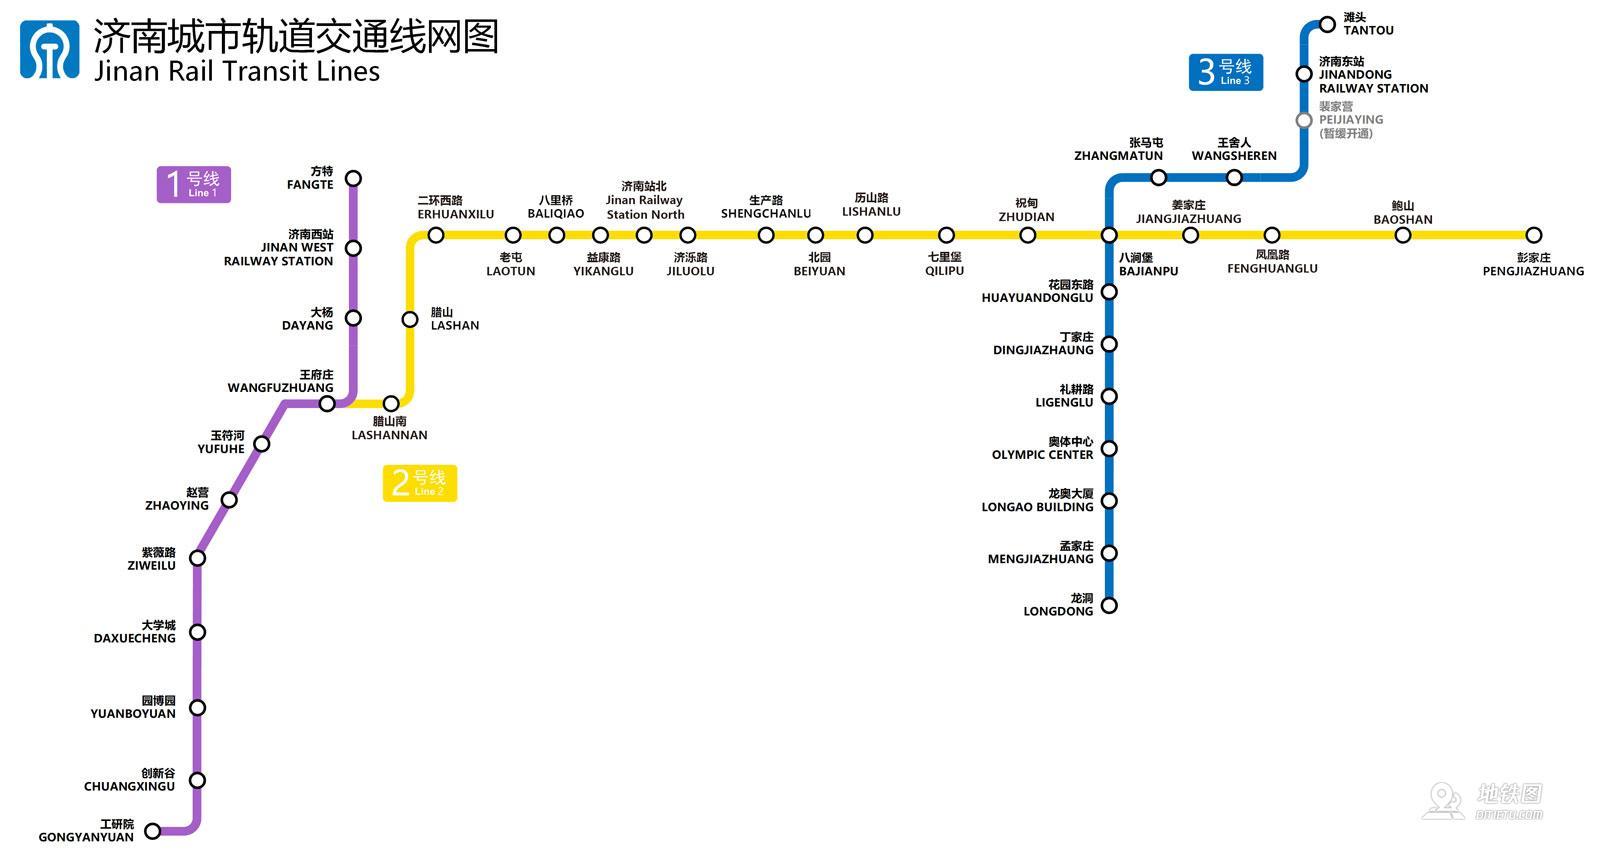 濟南地鐵線路圖_運營時間票價站點_查詢下載